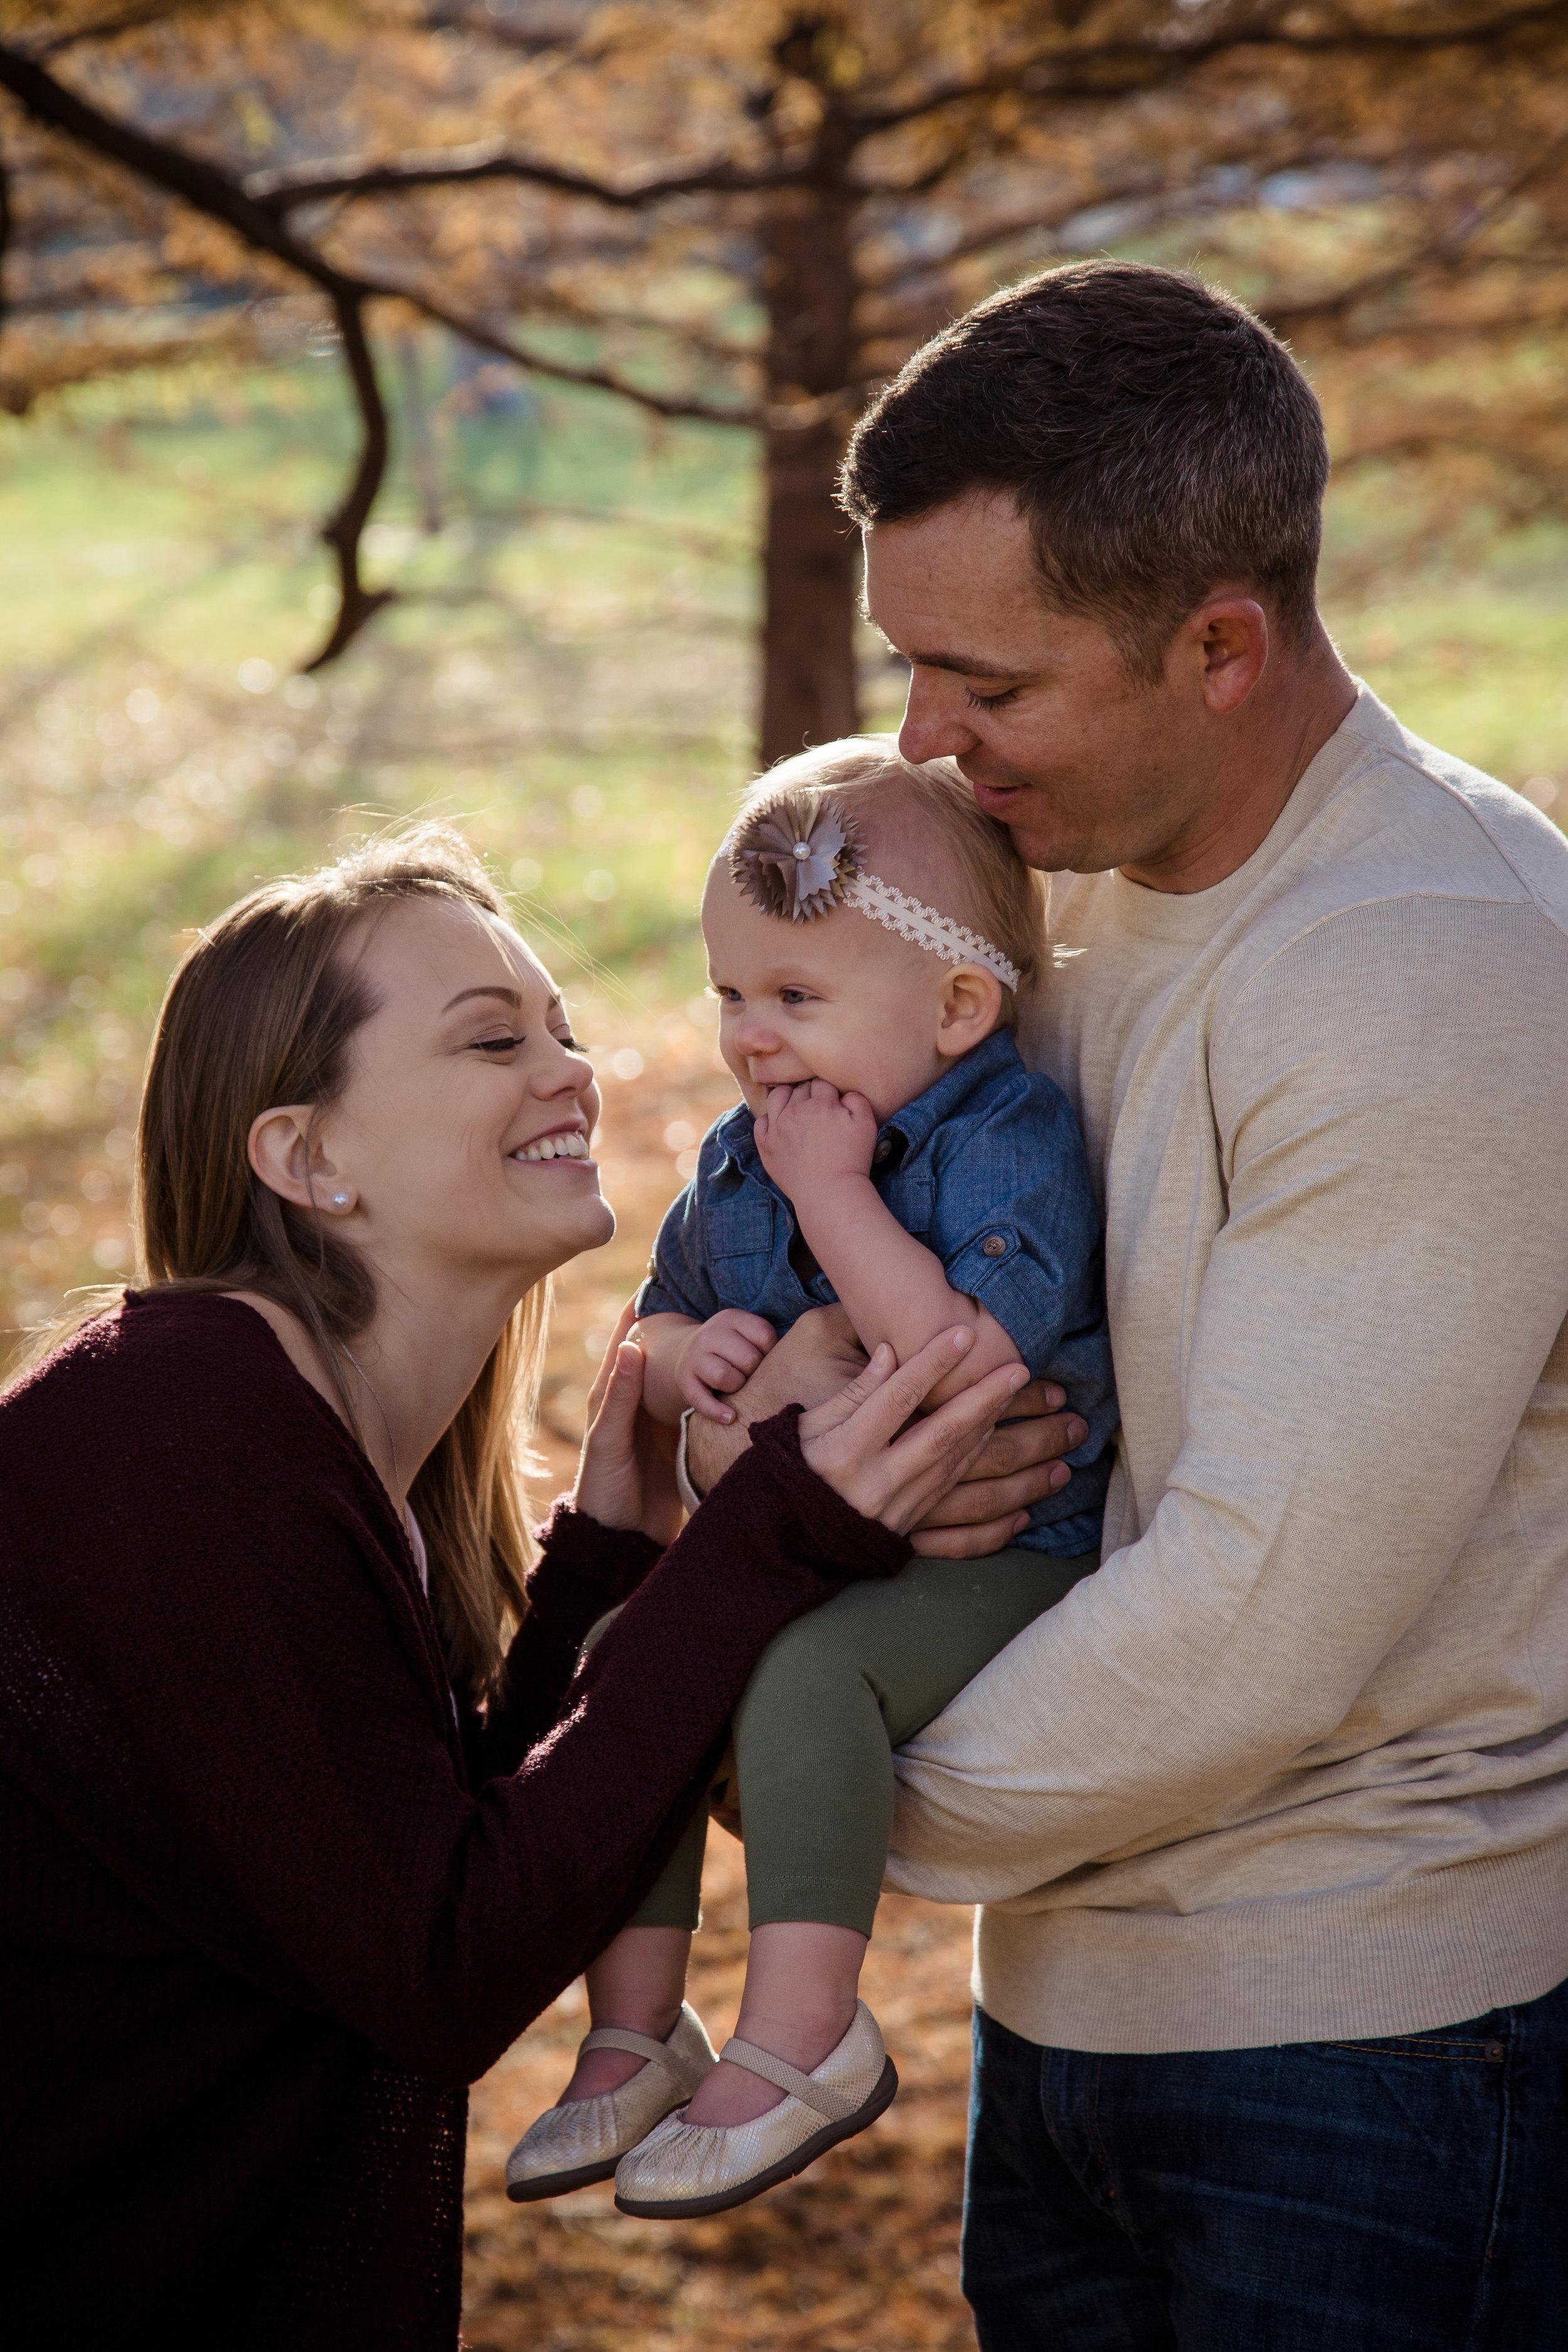 Bennett-Burrell Family Photos 2018 (31 of 39).jpg